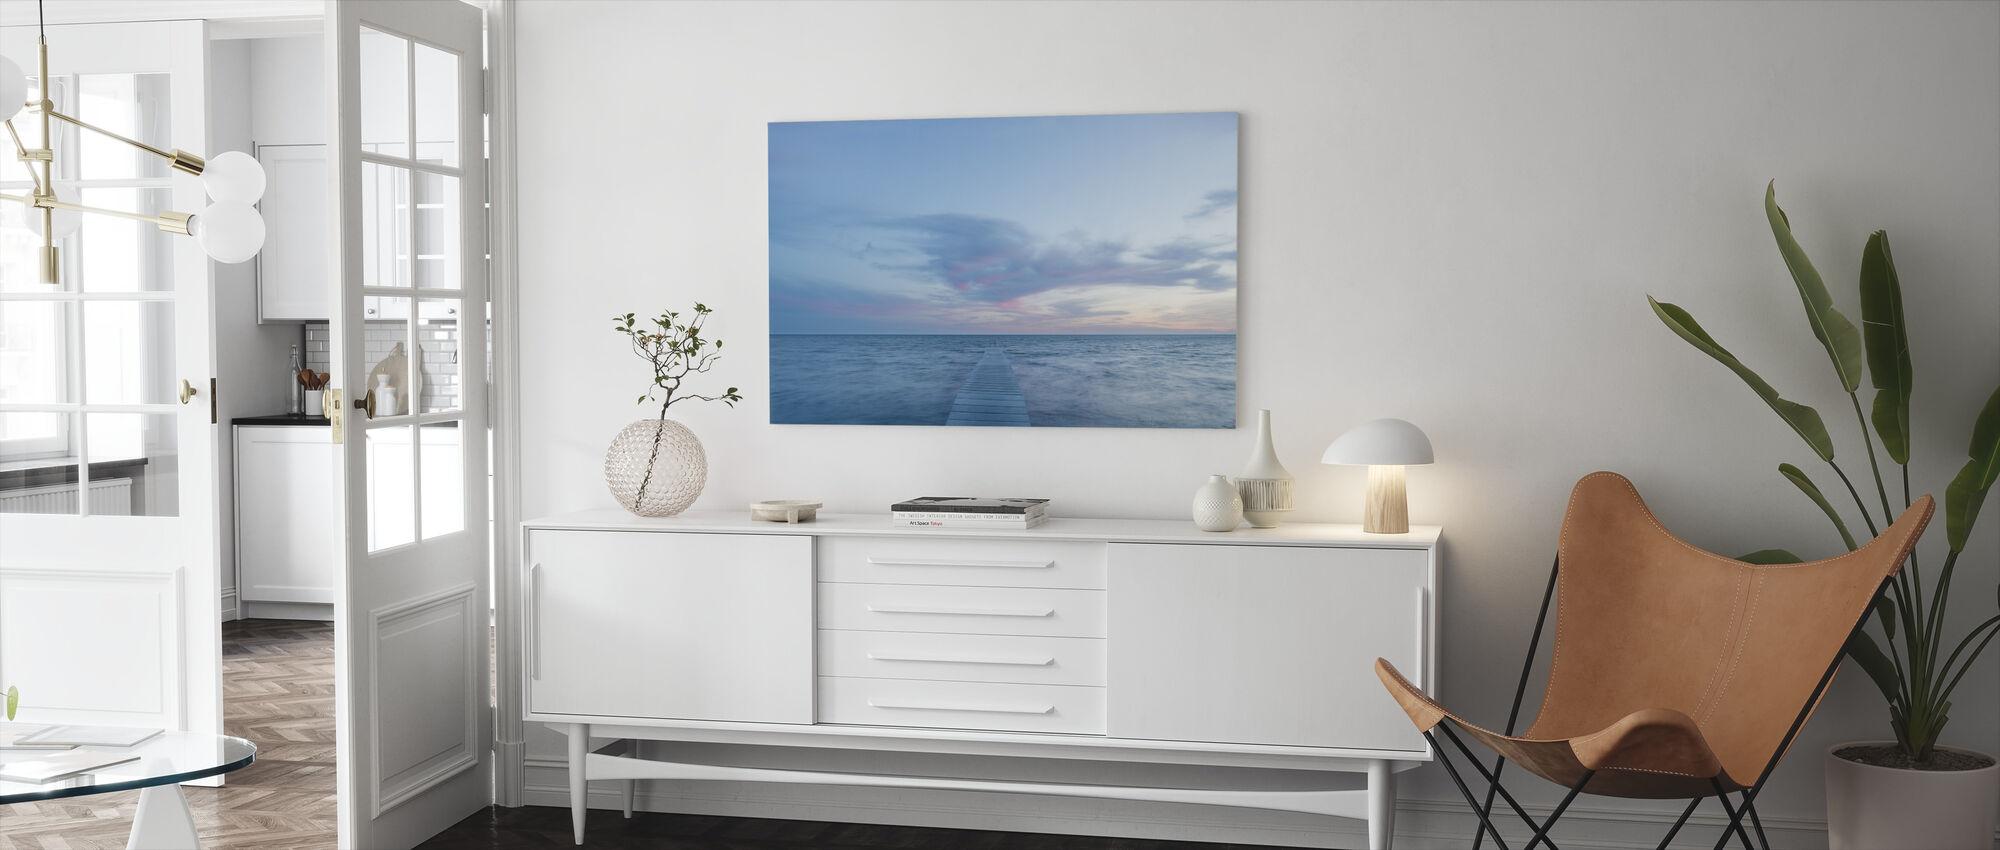 Västerstadsviken, Sweden - Canvas print - Living Room